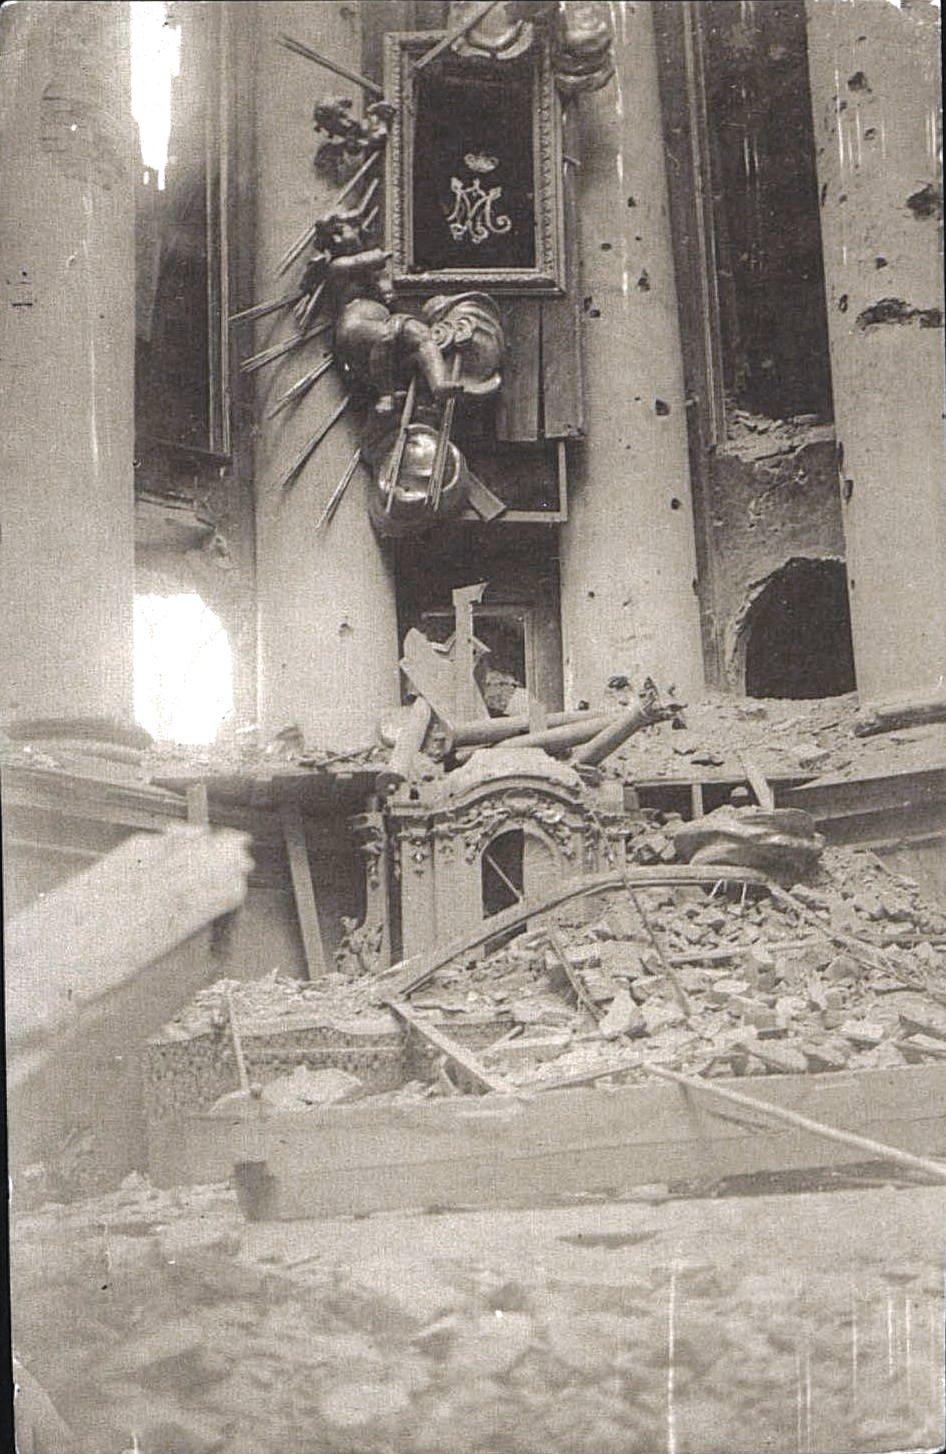 1914. Костёл, разрушенный немцами в начале I Мировой войны.Ракитское  (6)